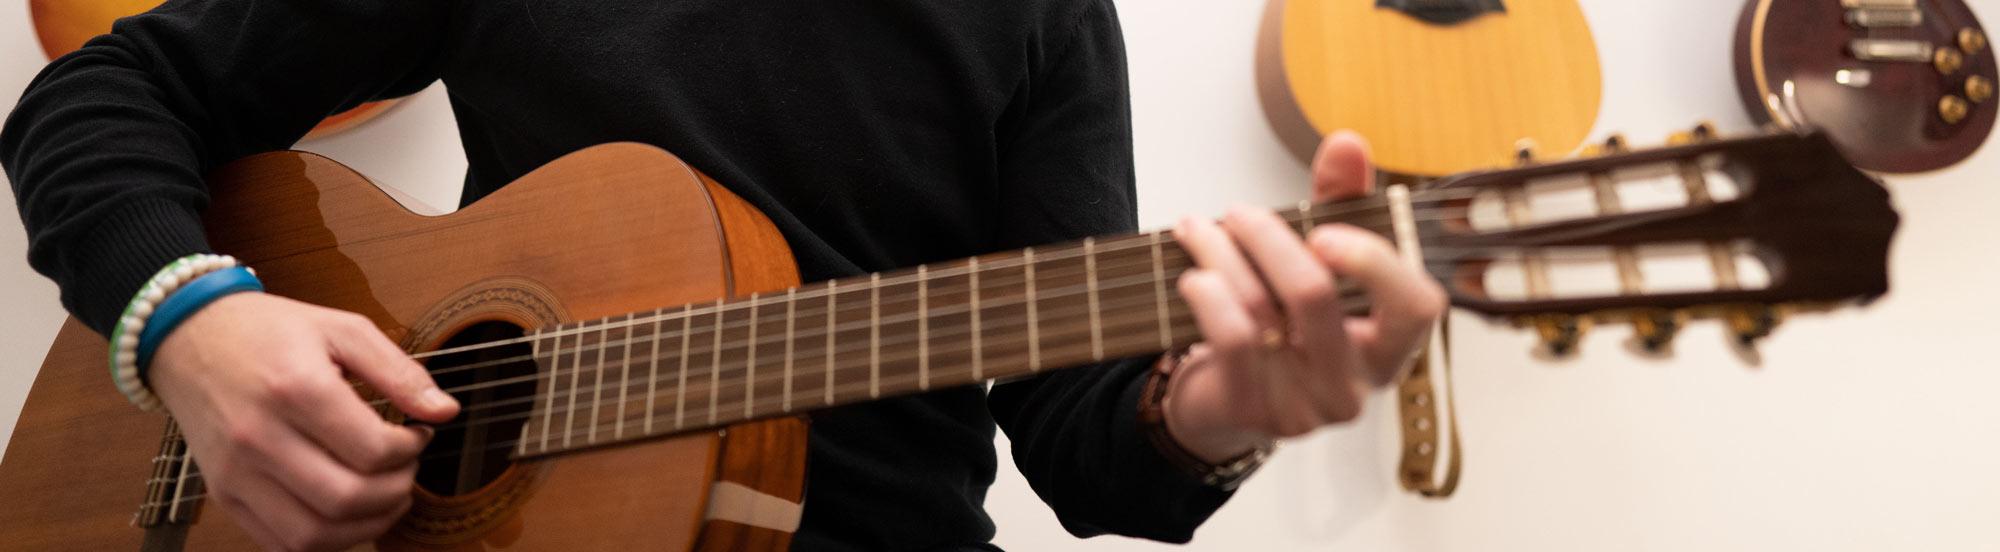 Guitar Lessons hero